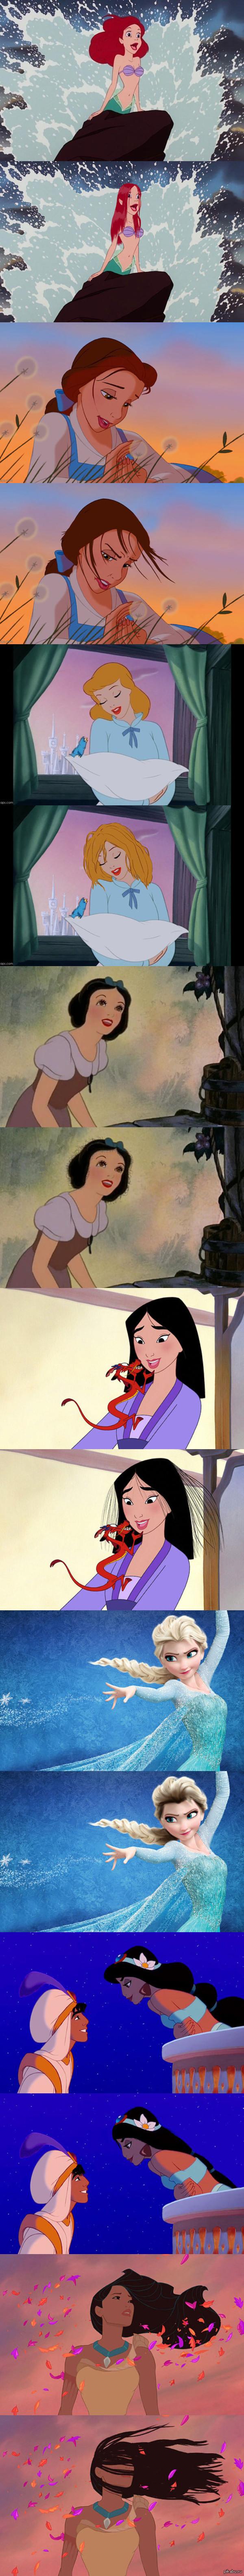 Если бы прически принцесс выглядели реалистично)